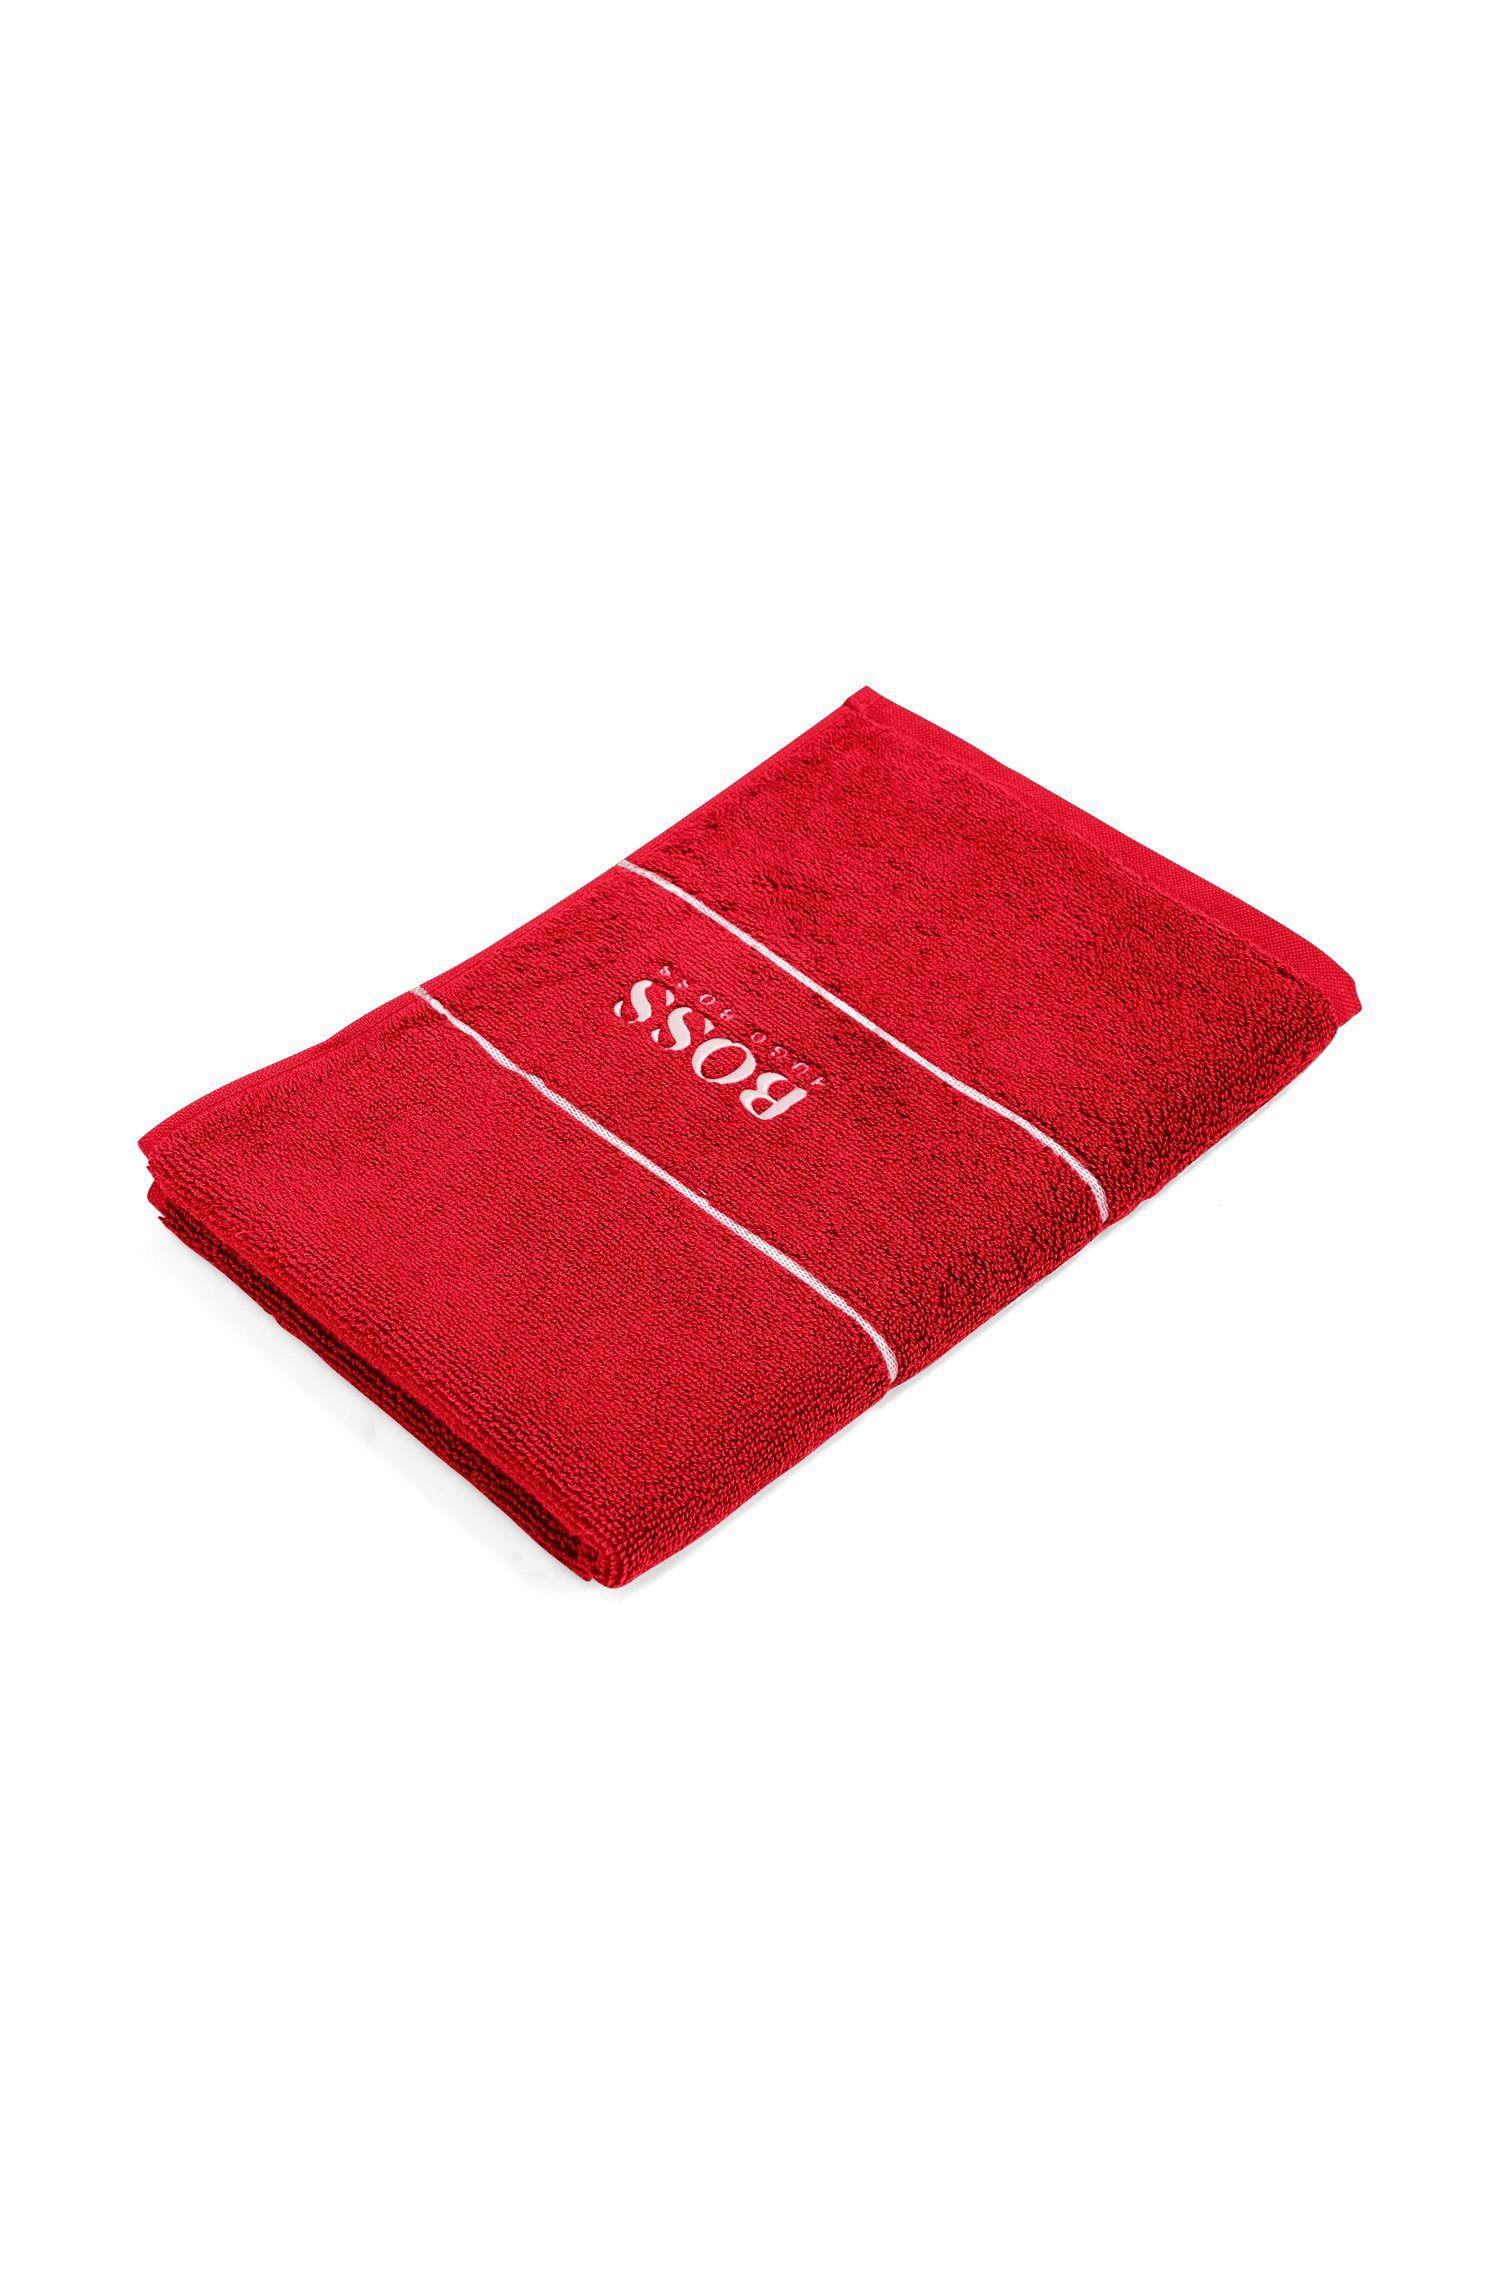 Toalla para invitados en algodón egipcio de la máxima calidad con logo en el borde, Rojo